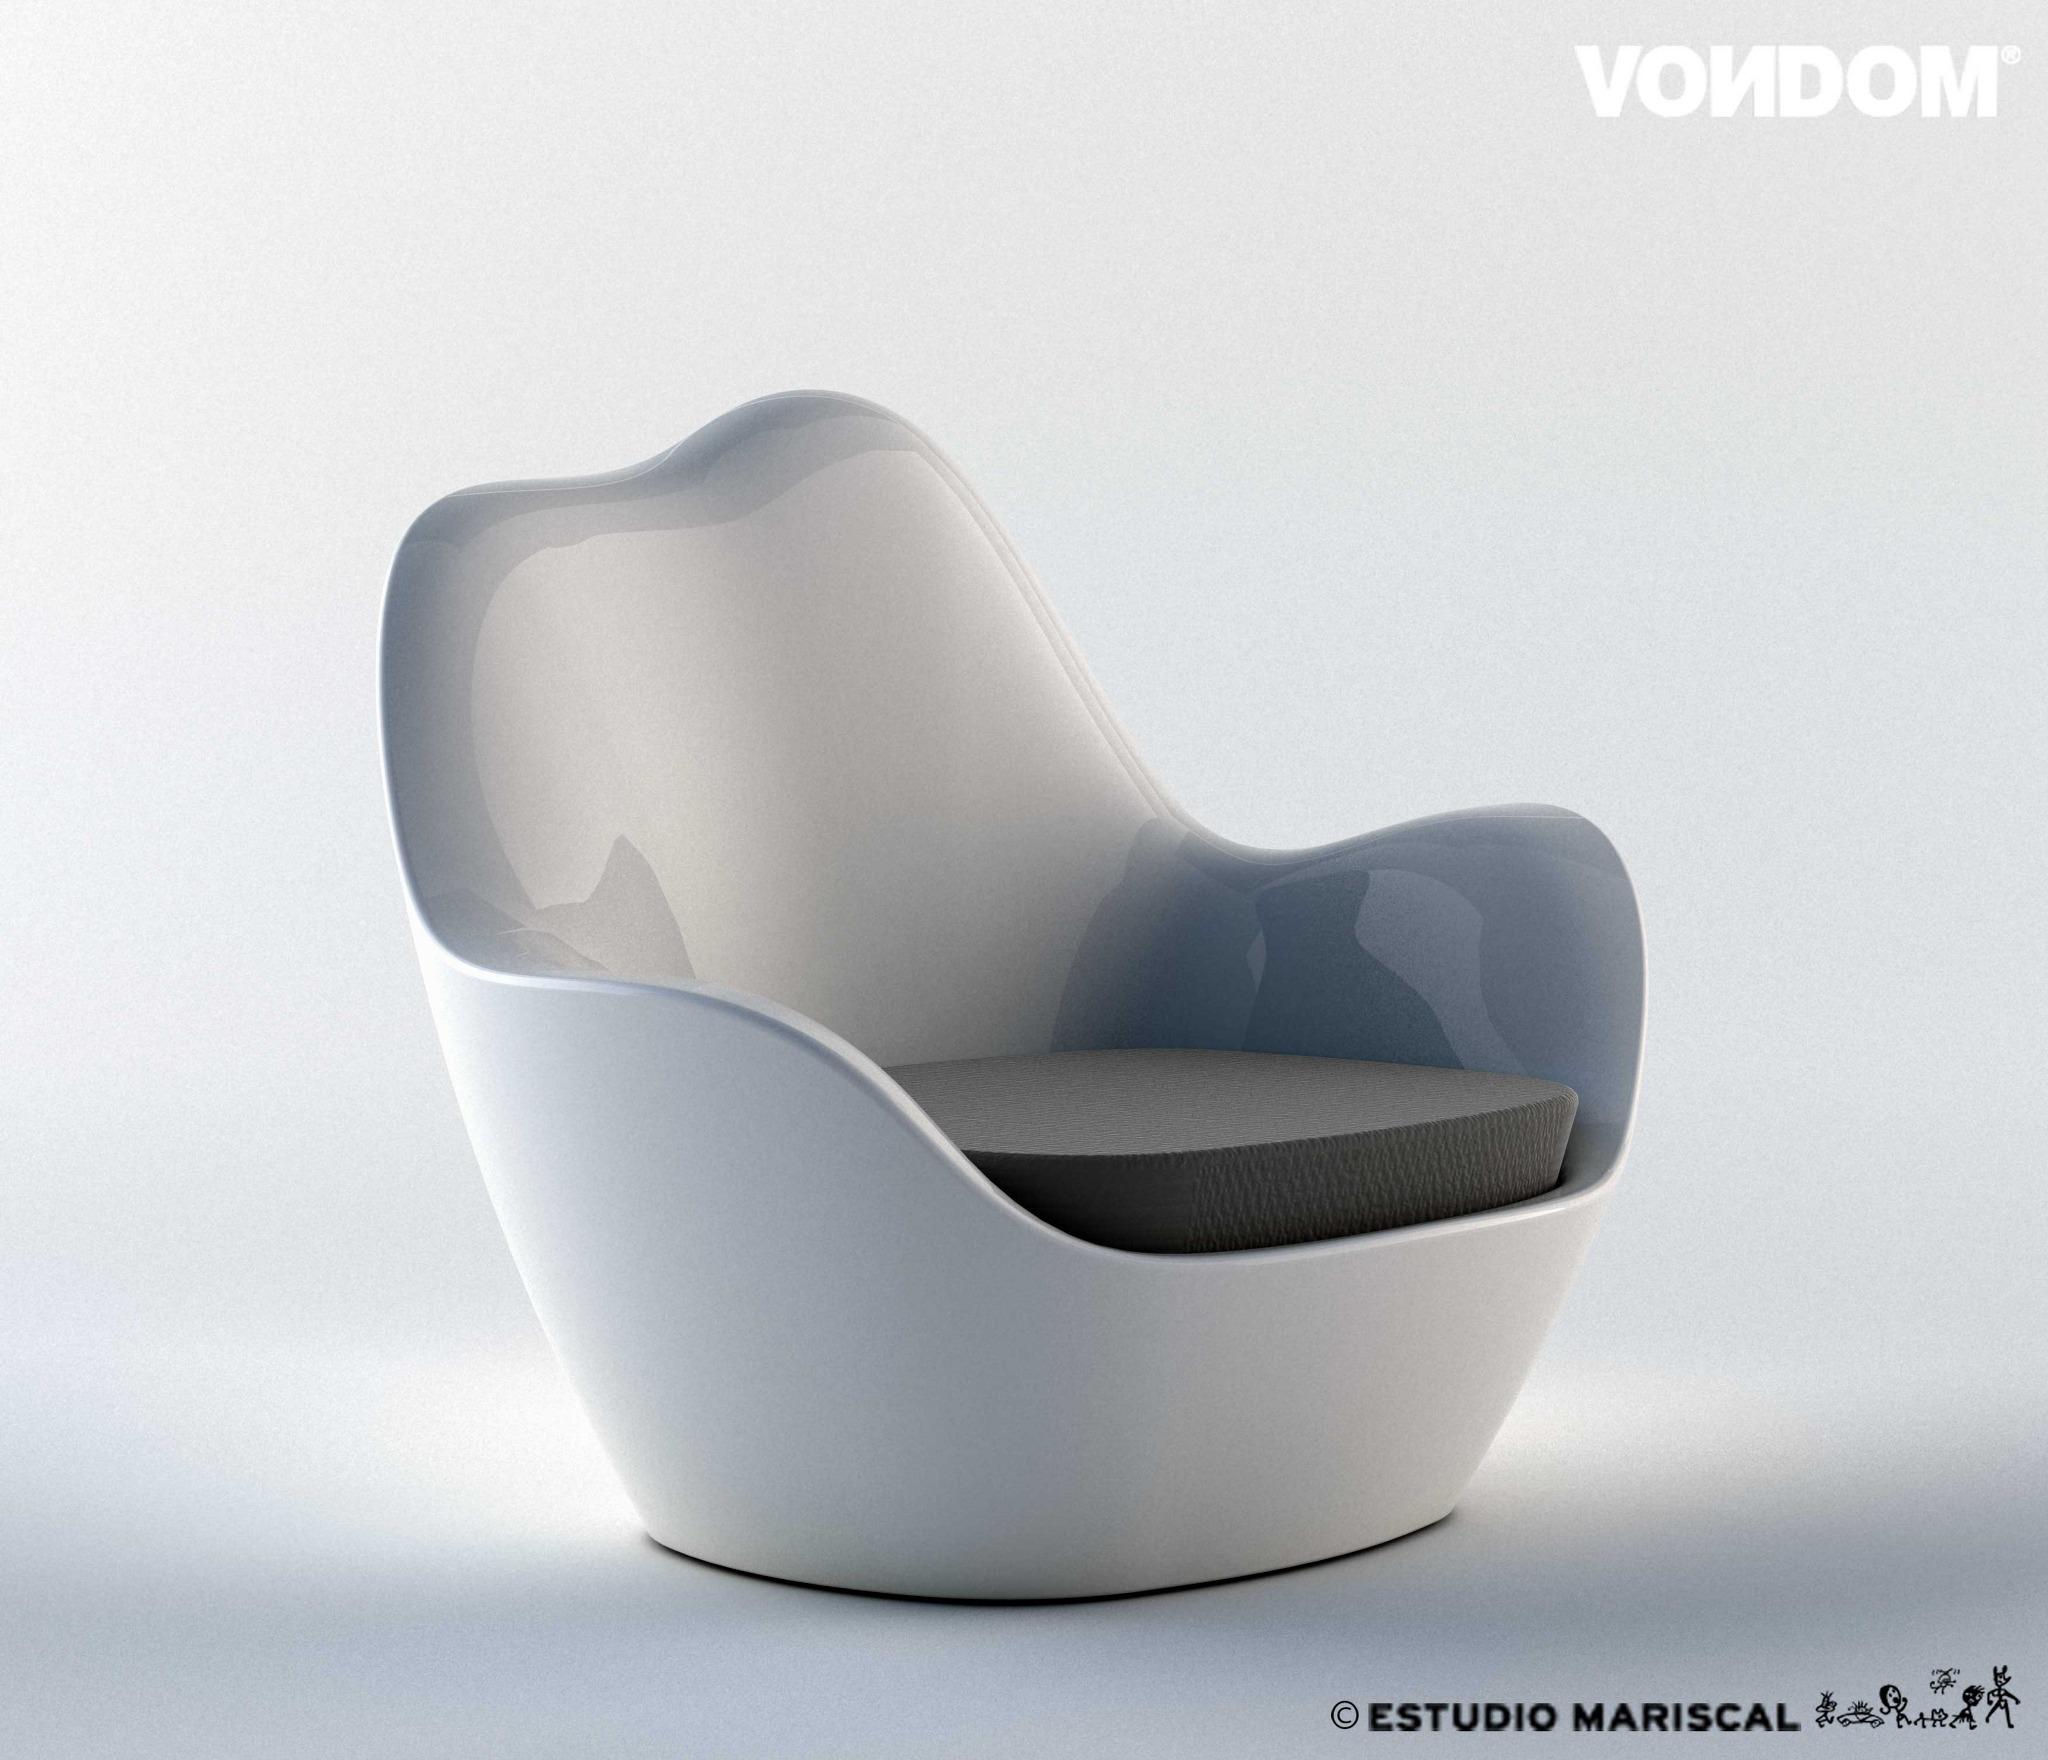 Vondom Sabinas Collection - Giovanni Castelli